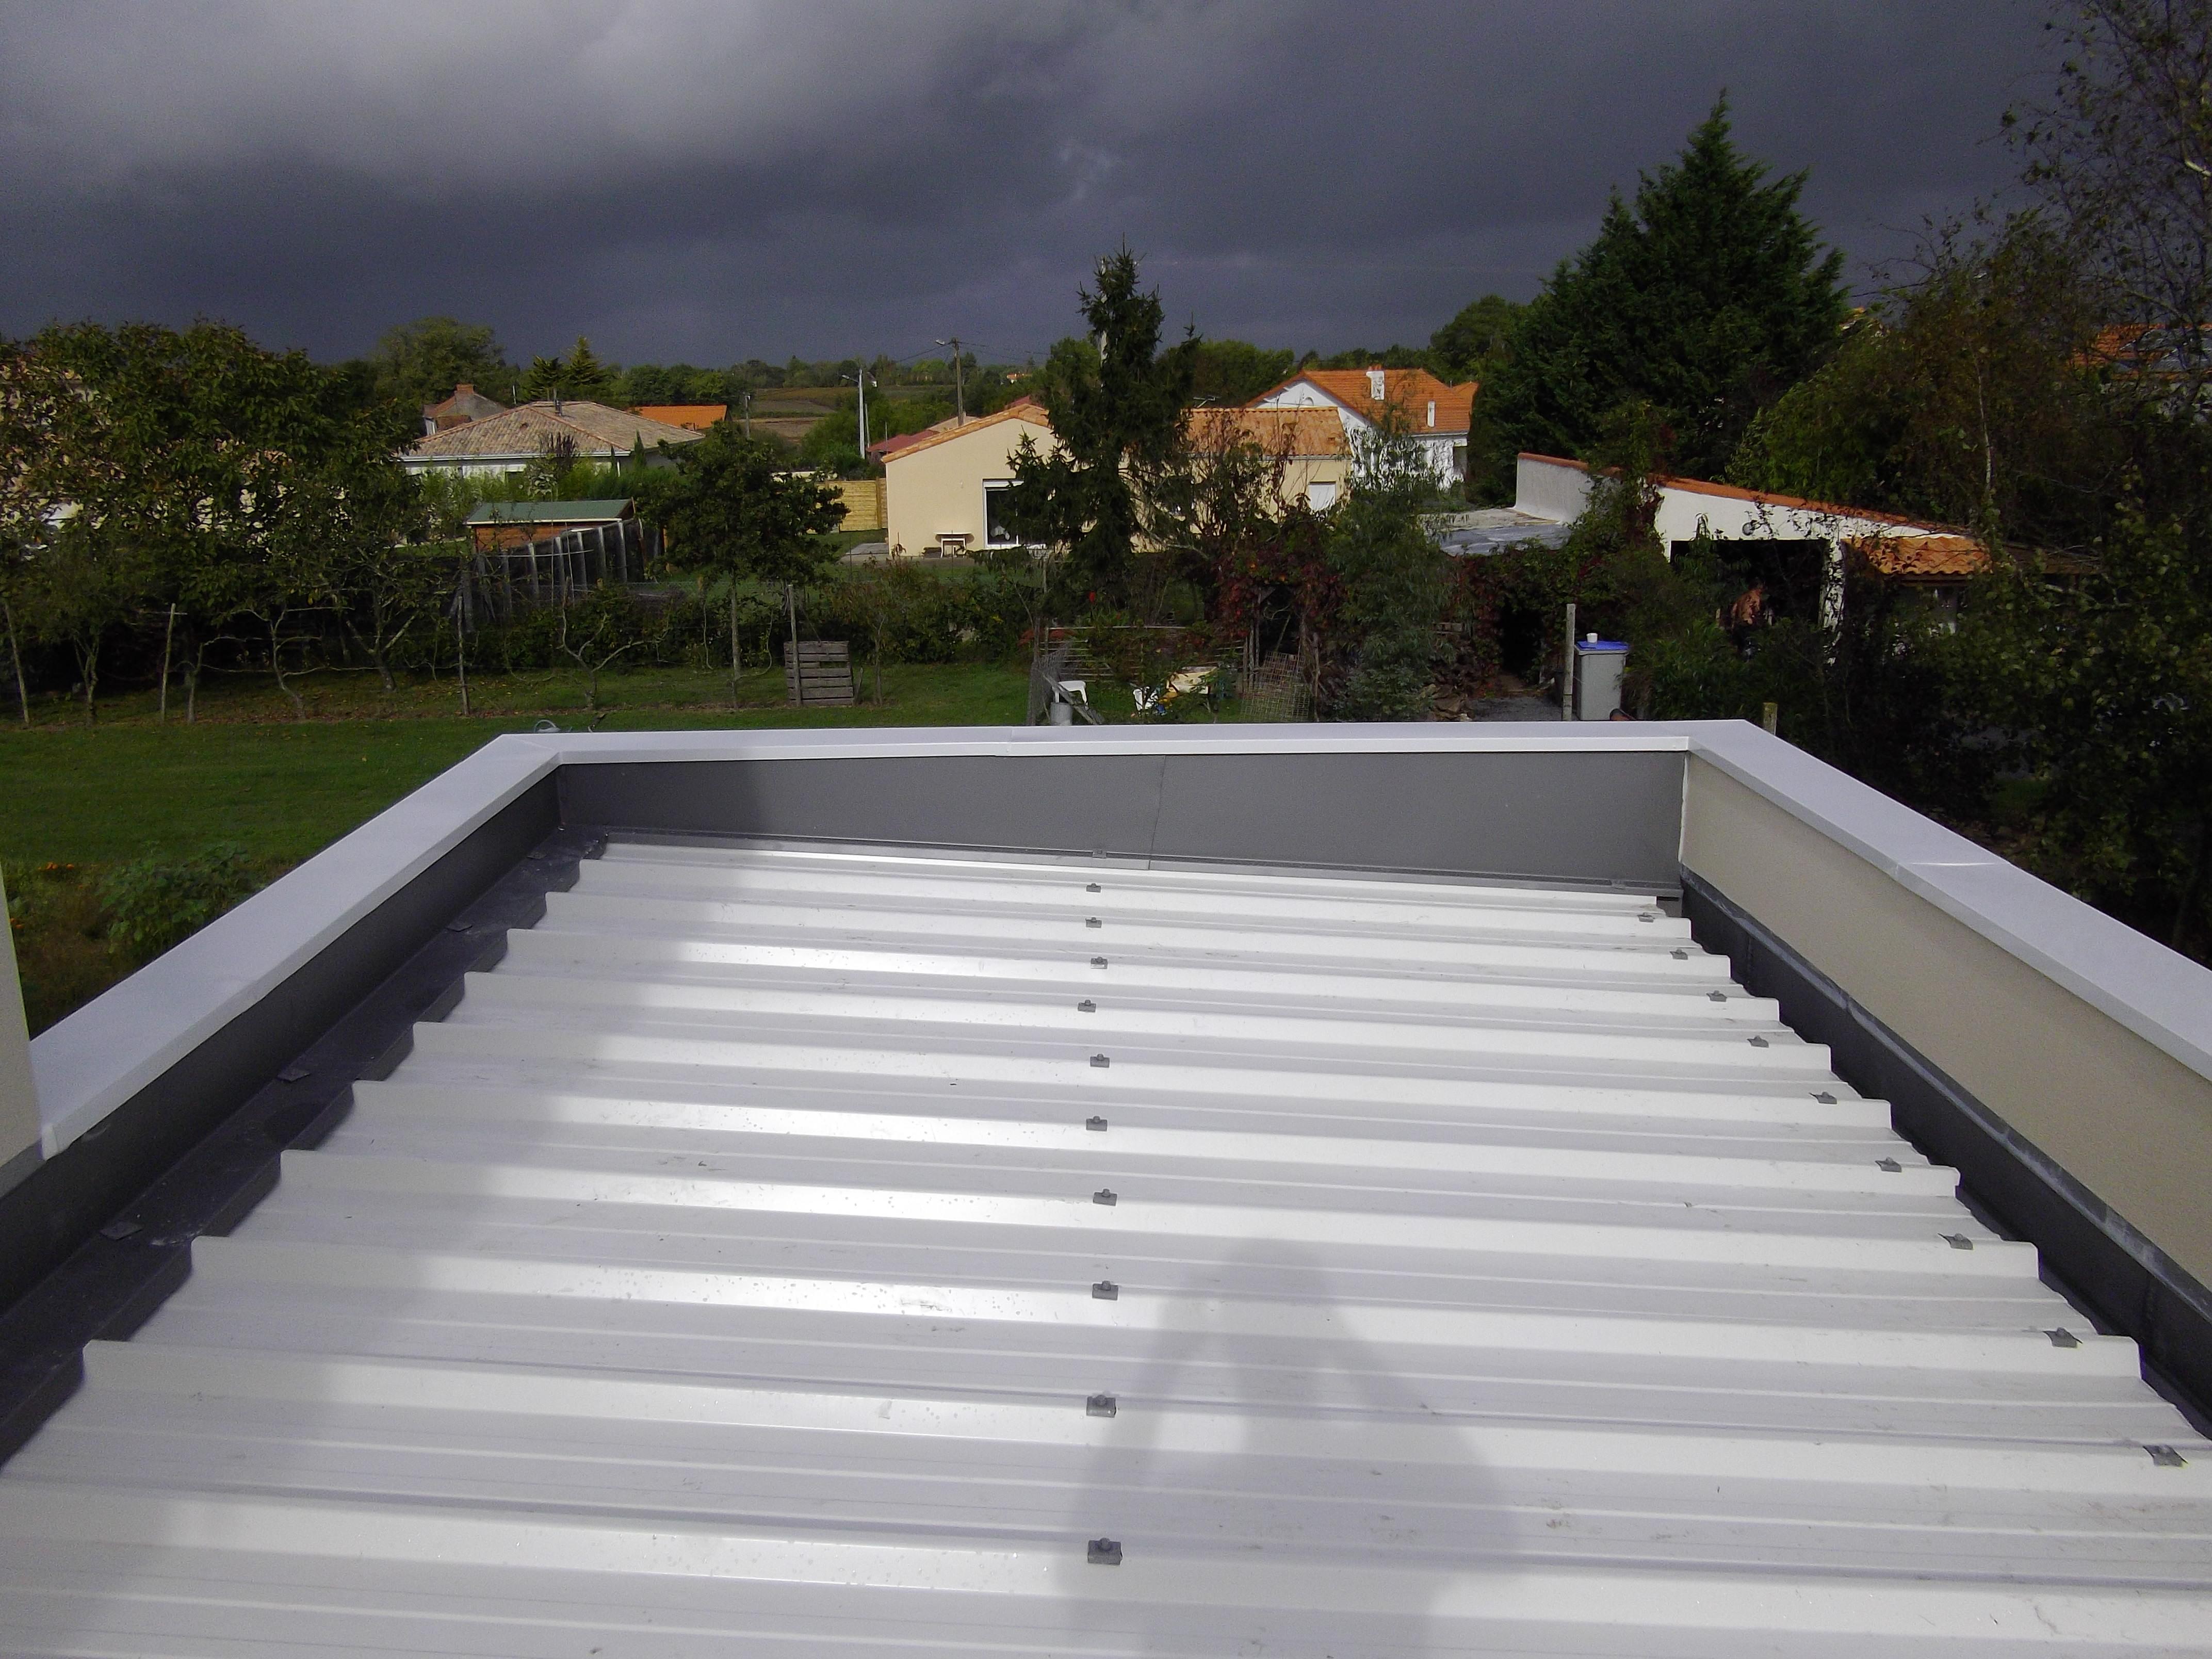 Acrotère Toit Plat - Couvertine Alu - Au Bac D'eau Nantes à Acrotere Toiture Terrasse